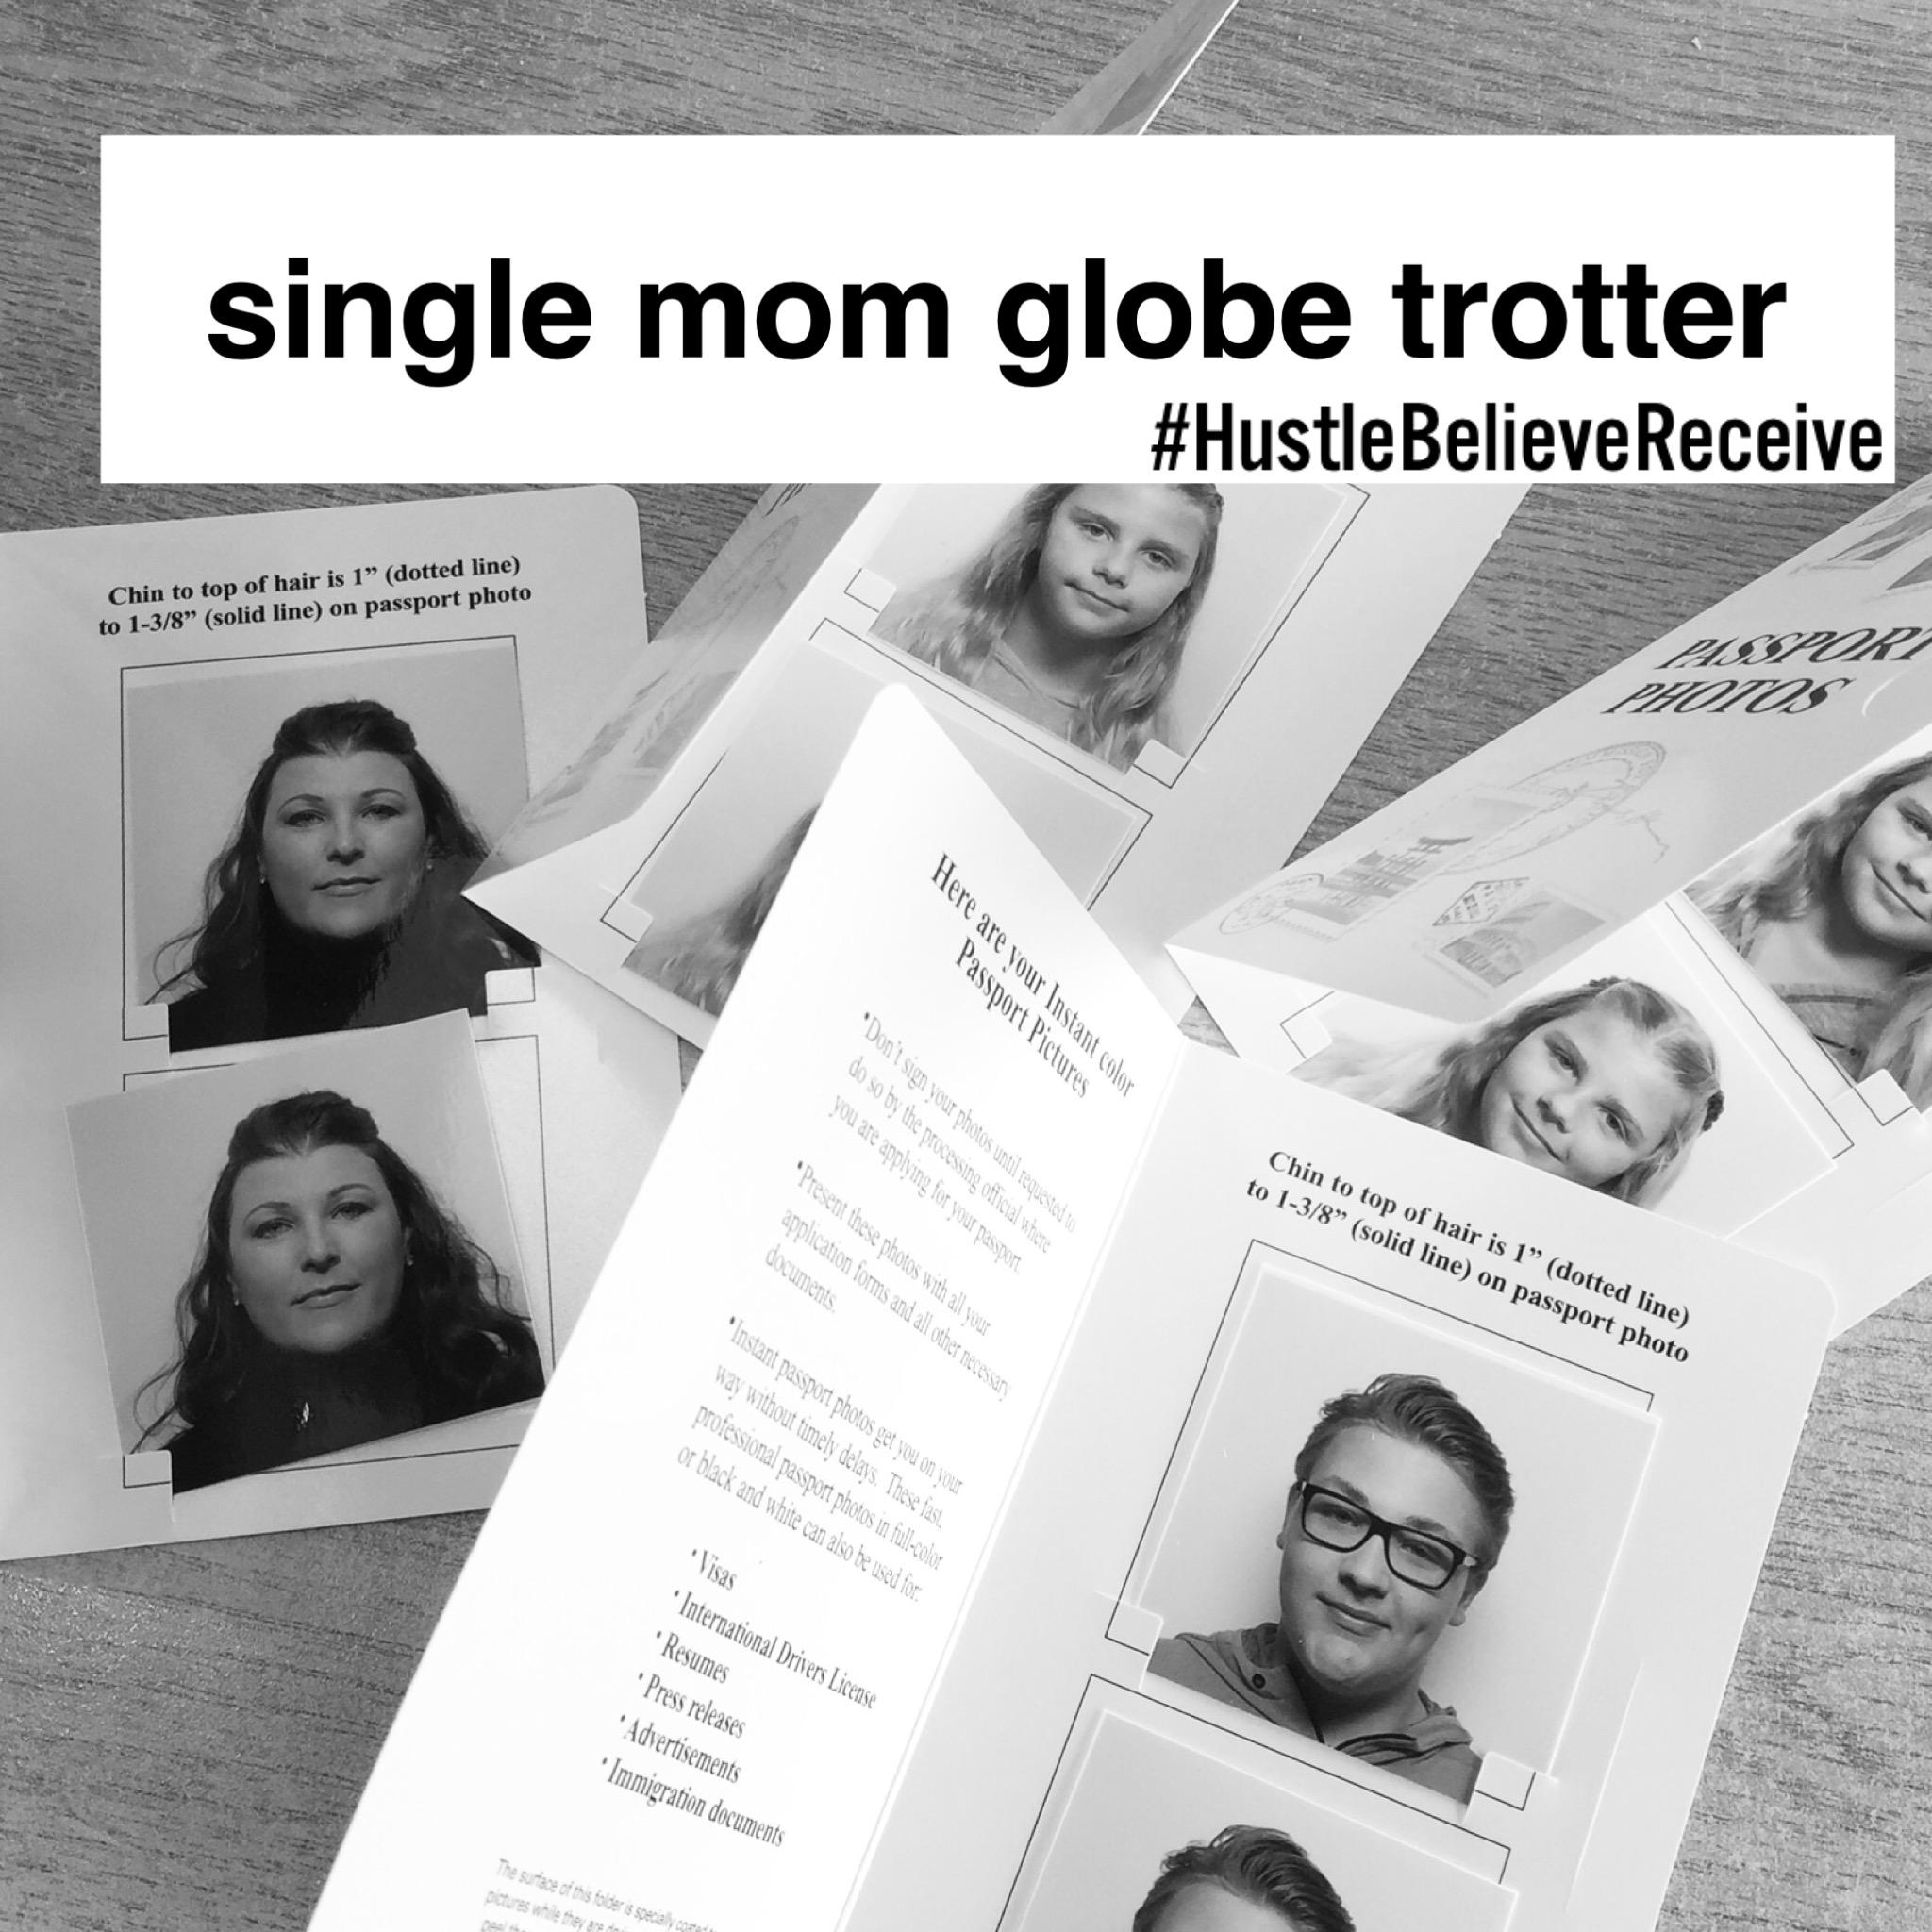 #SingleMomGlobeTrotter